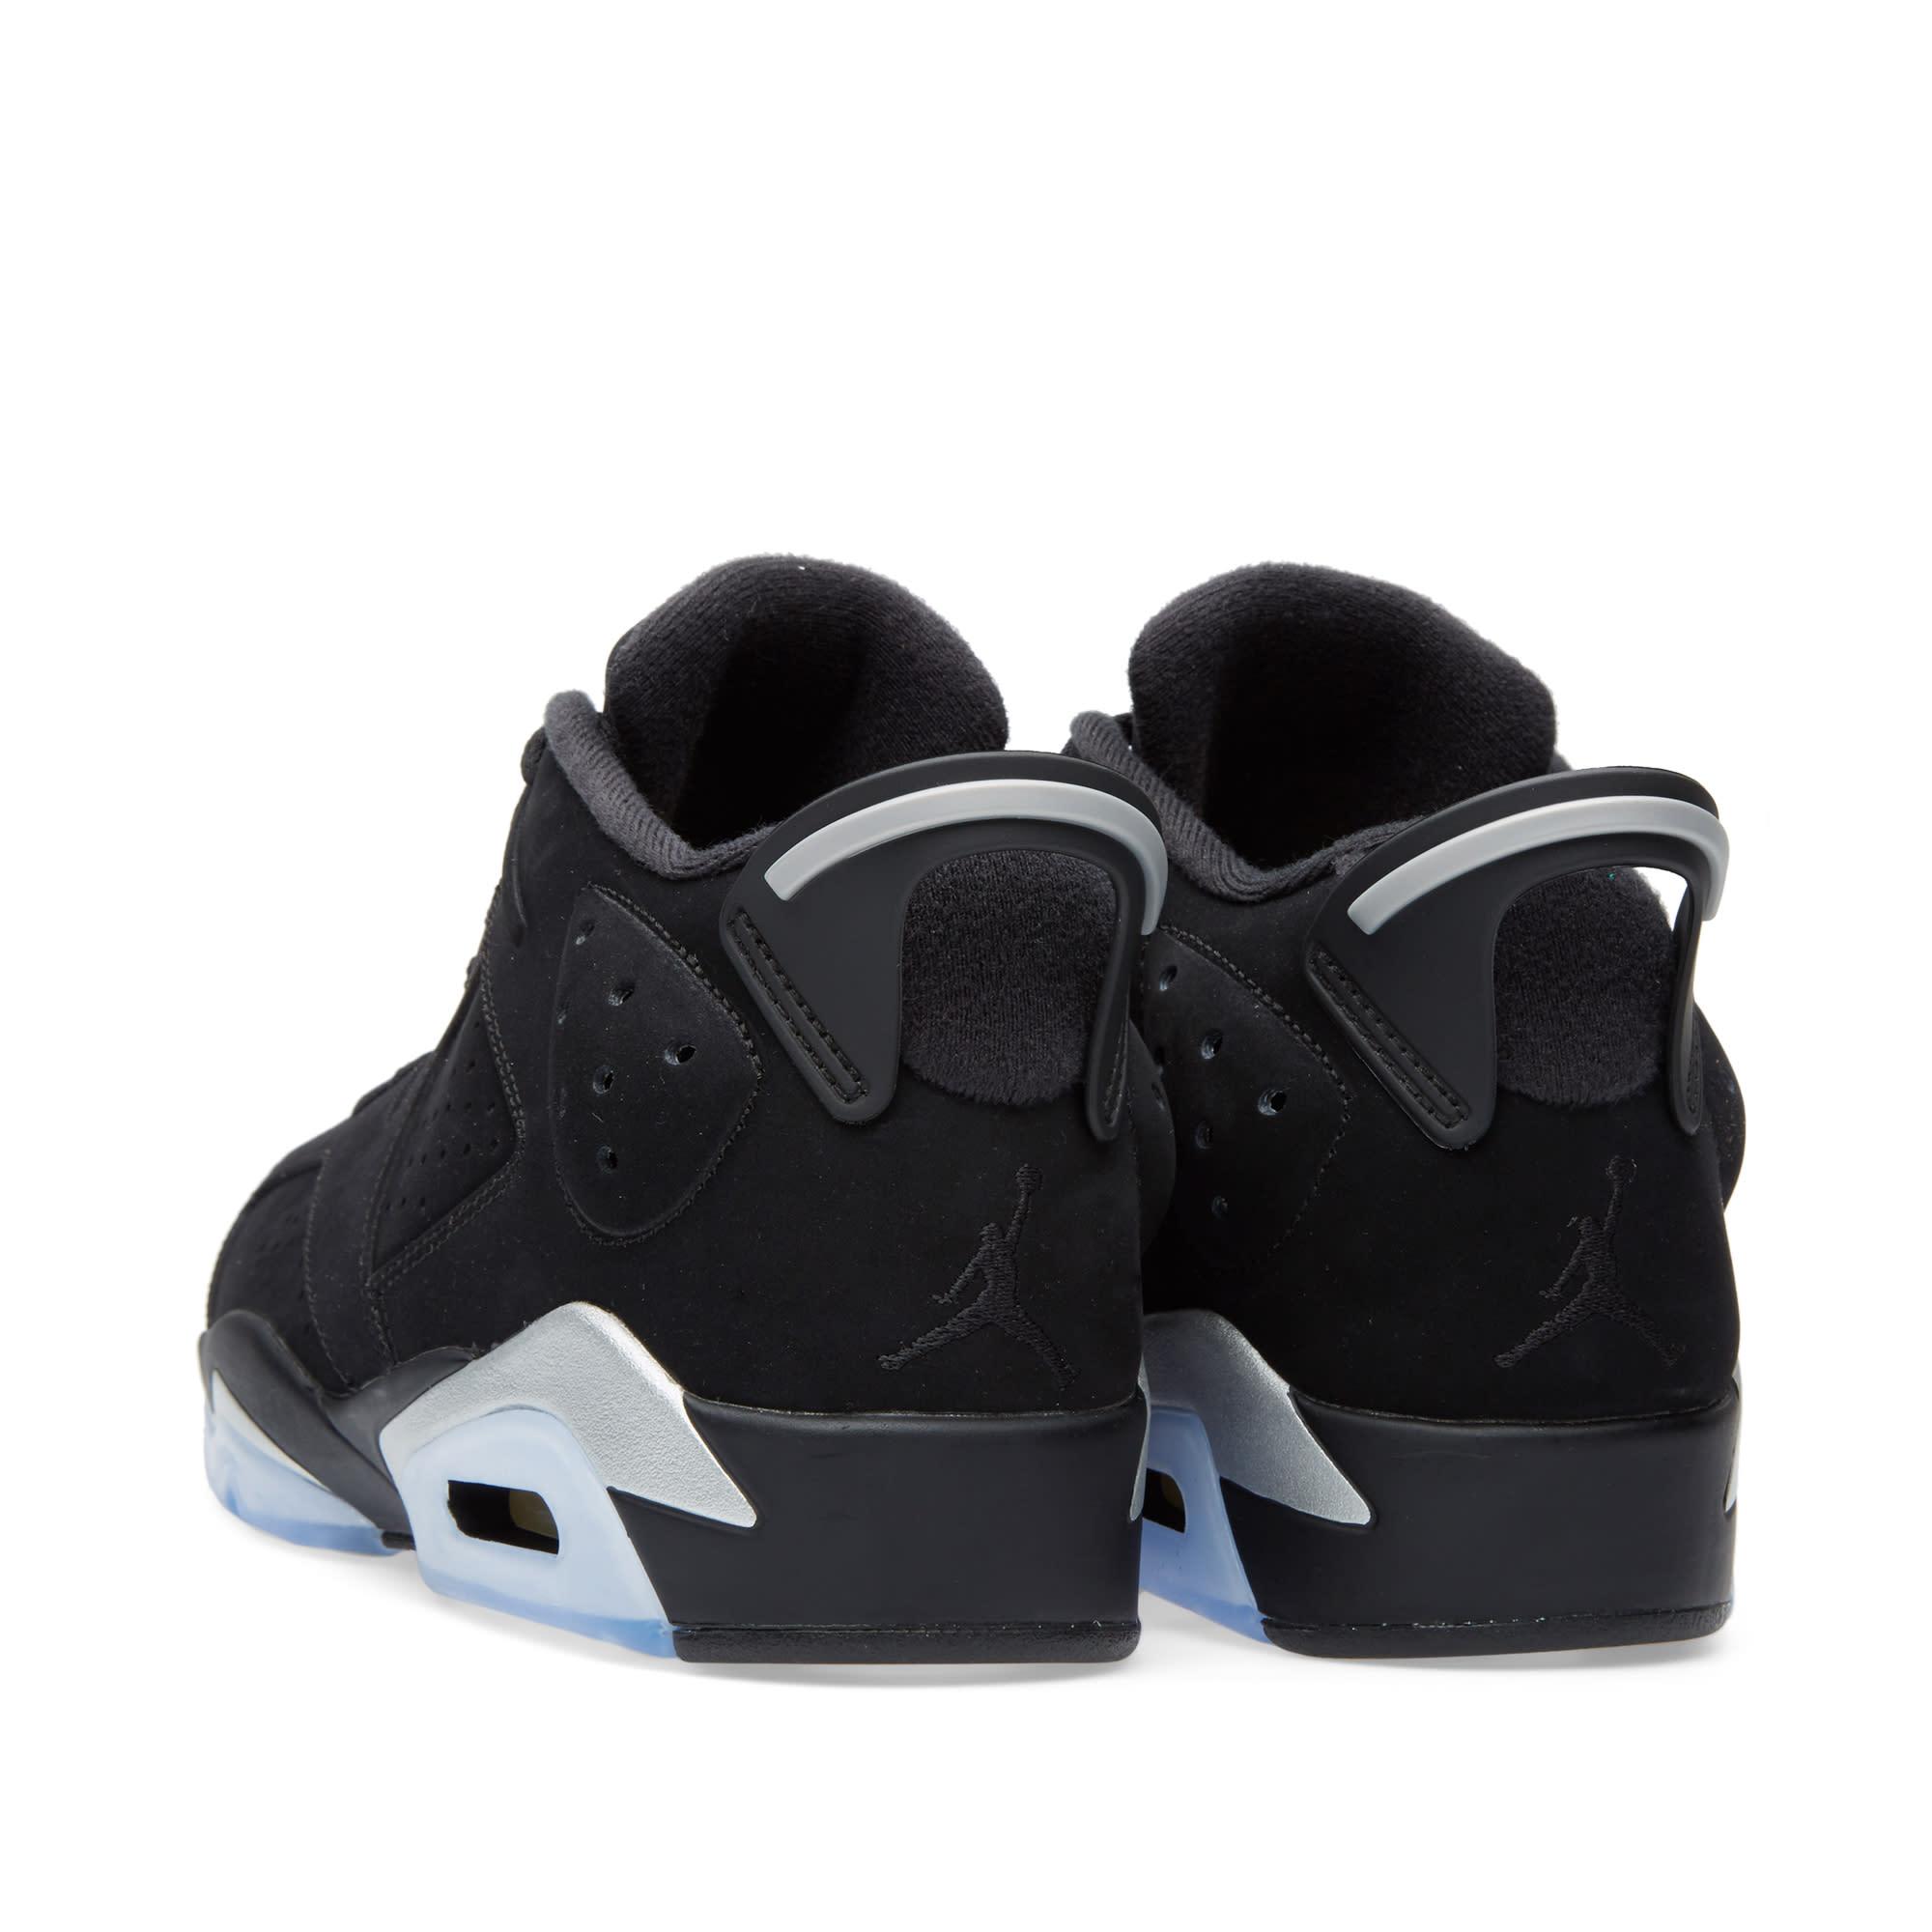 size 40 793fc 449f1 Nike Air Jordan 6 Retro Low GS Black, Metallic Silver   White   END.